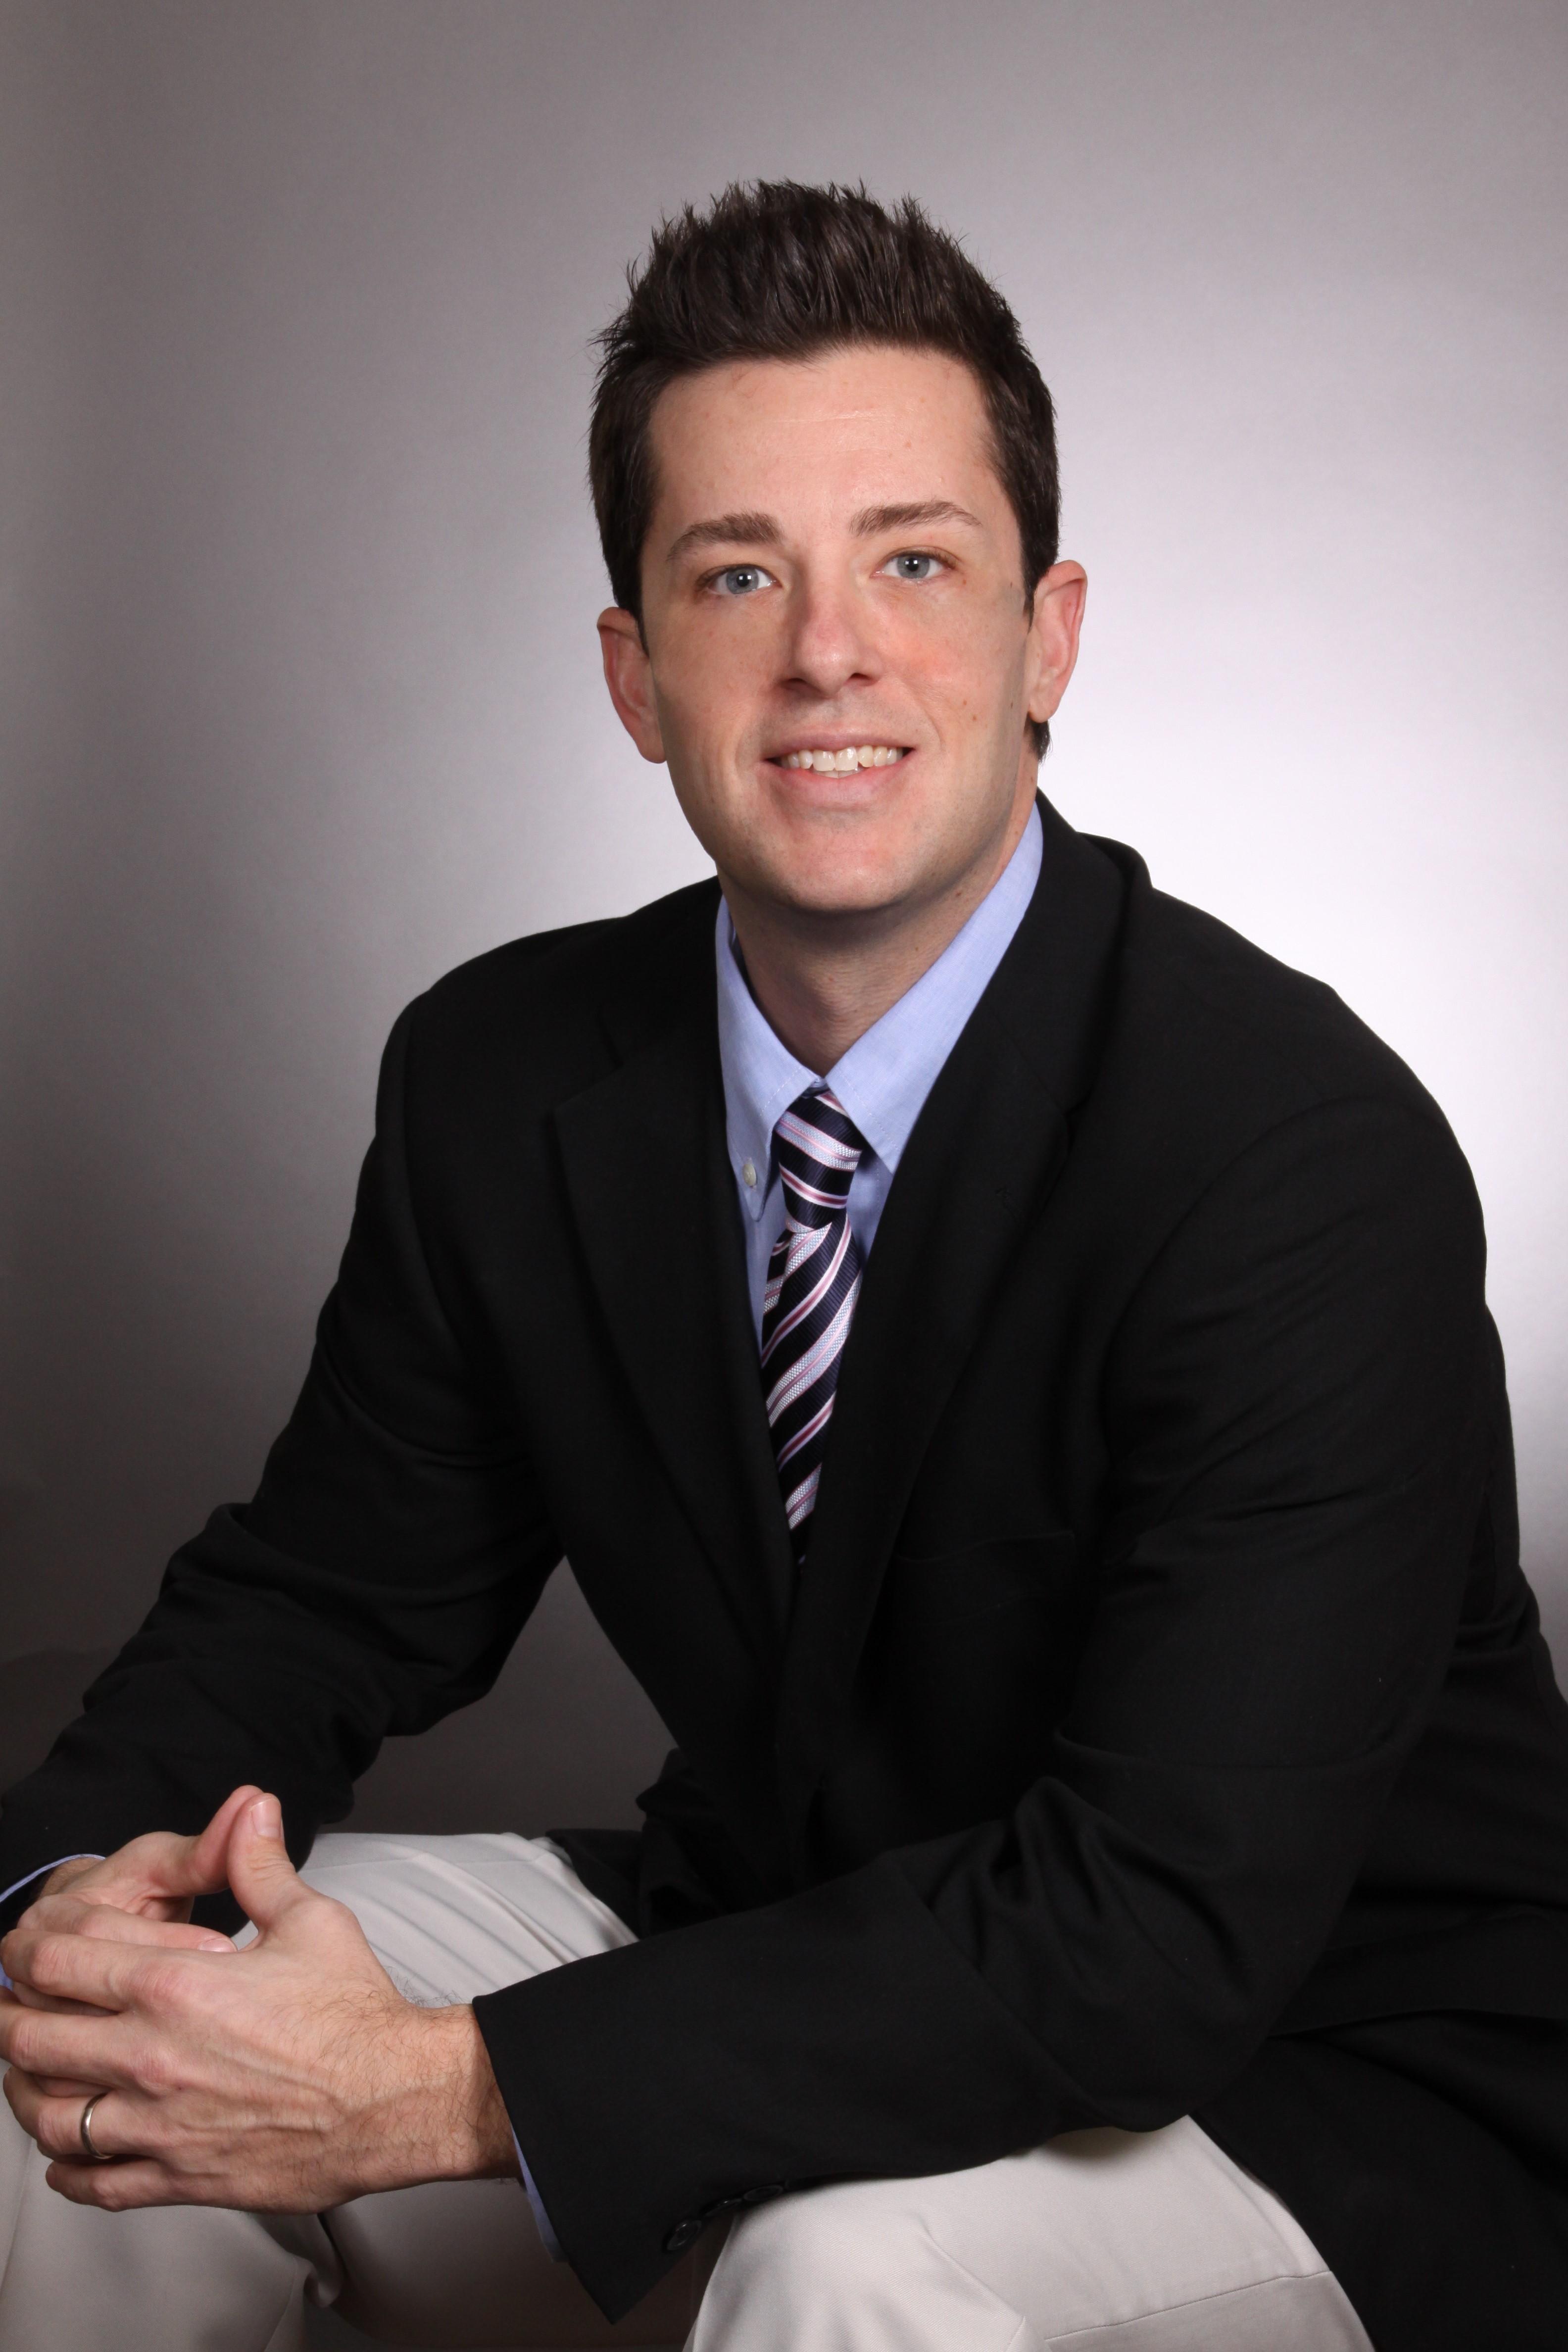 Ryan Breeden